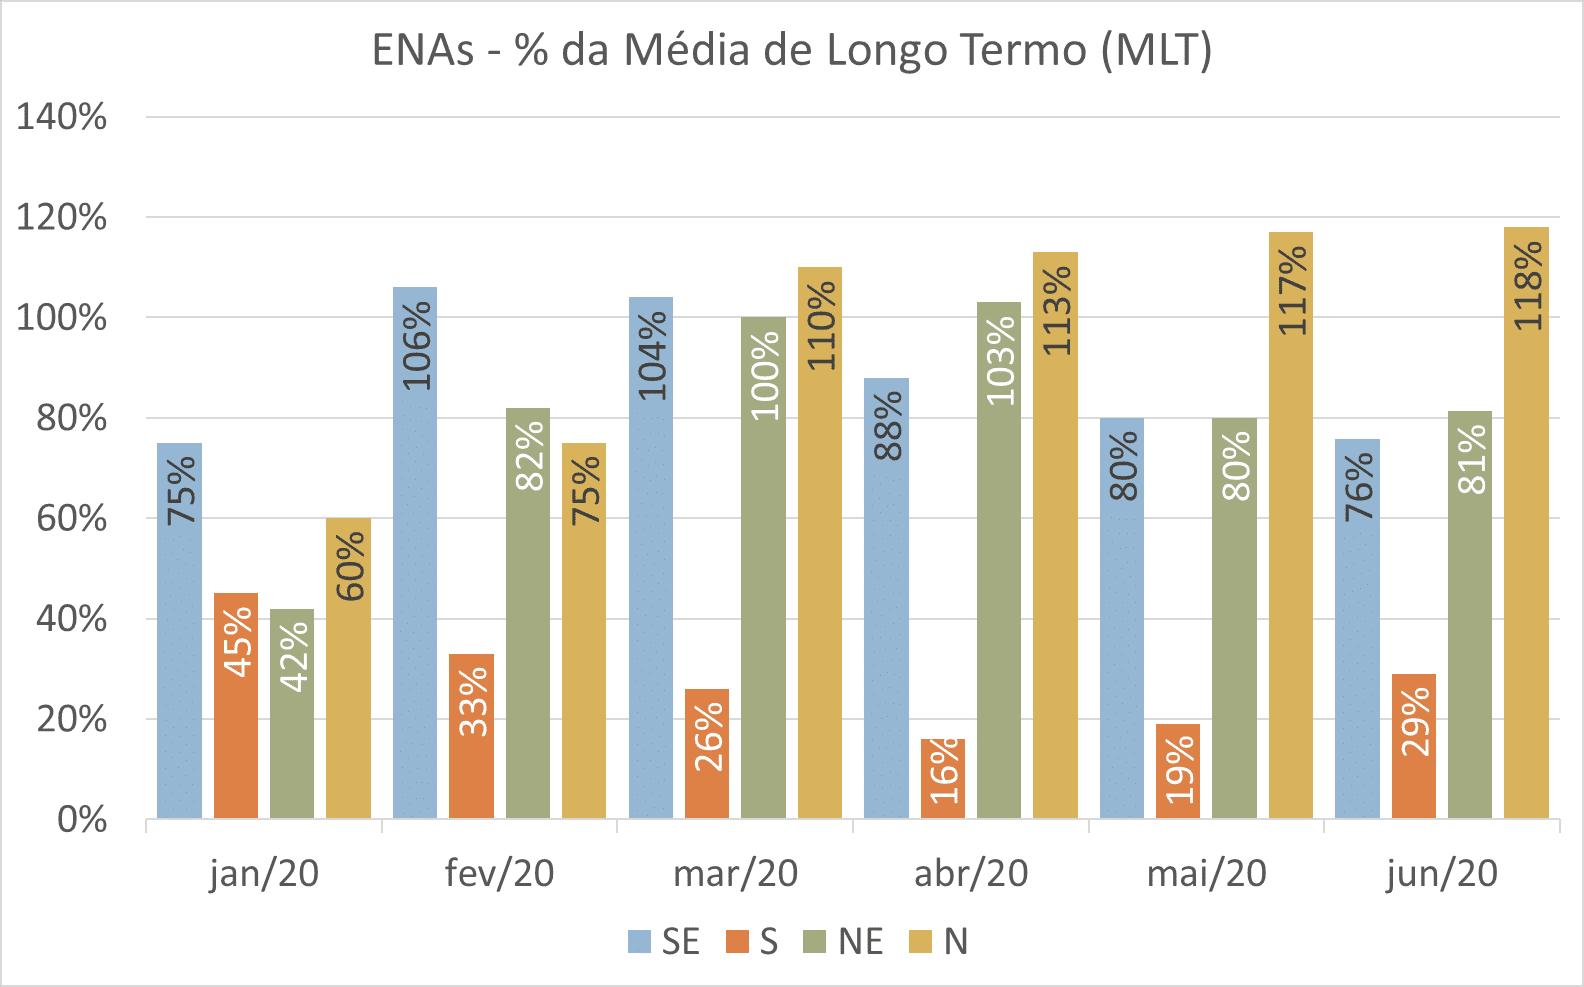 Valores de ENA verificados nos meses de janeiro a junho de 2020; Boletim Mensal; Energia; Junho